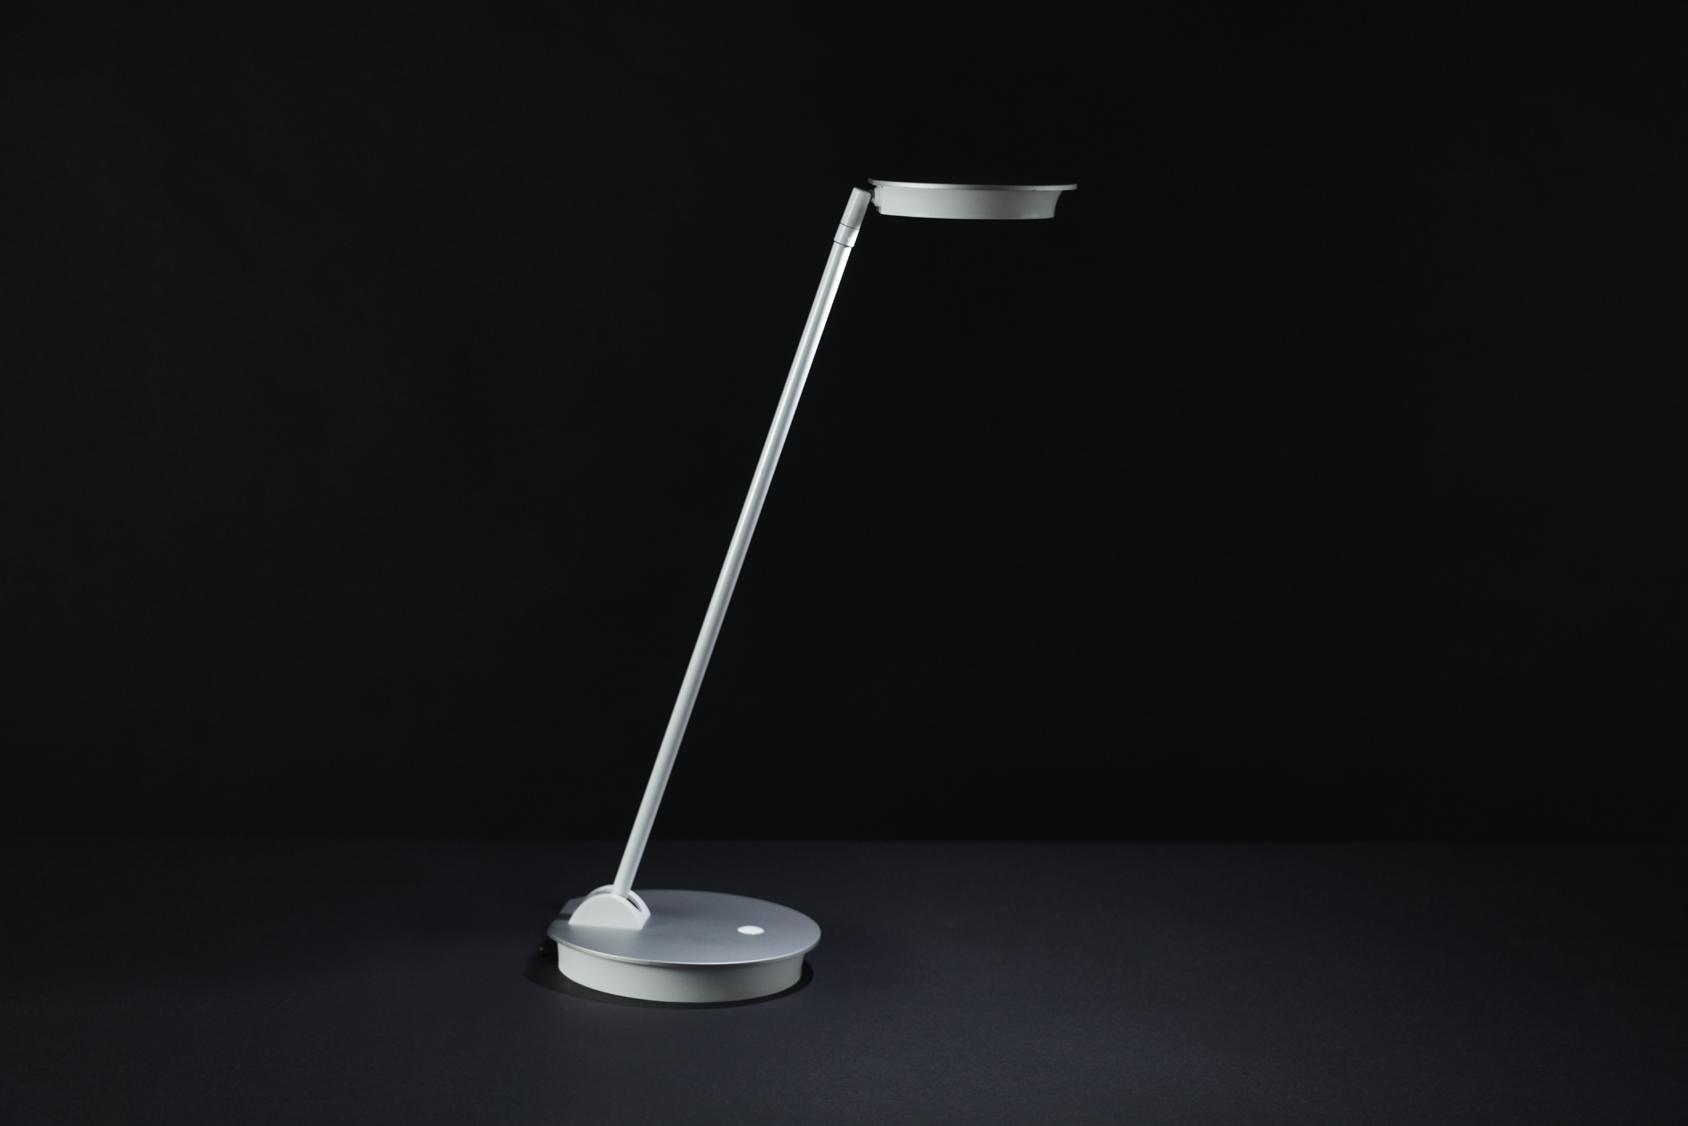 ottlite-uplift-desk-lamp3